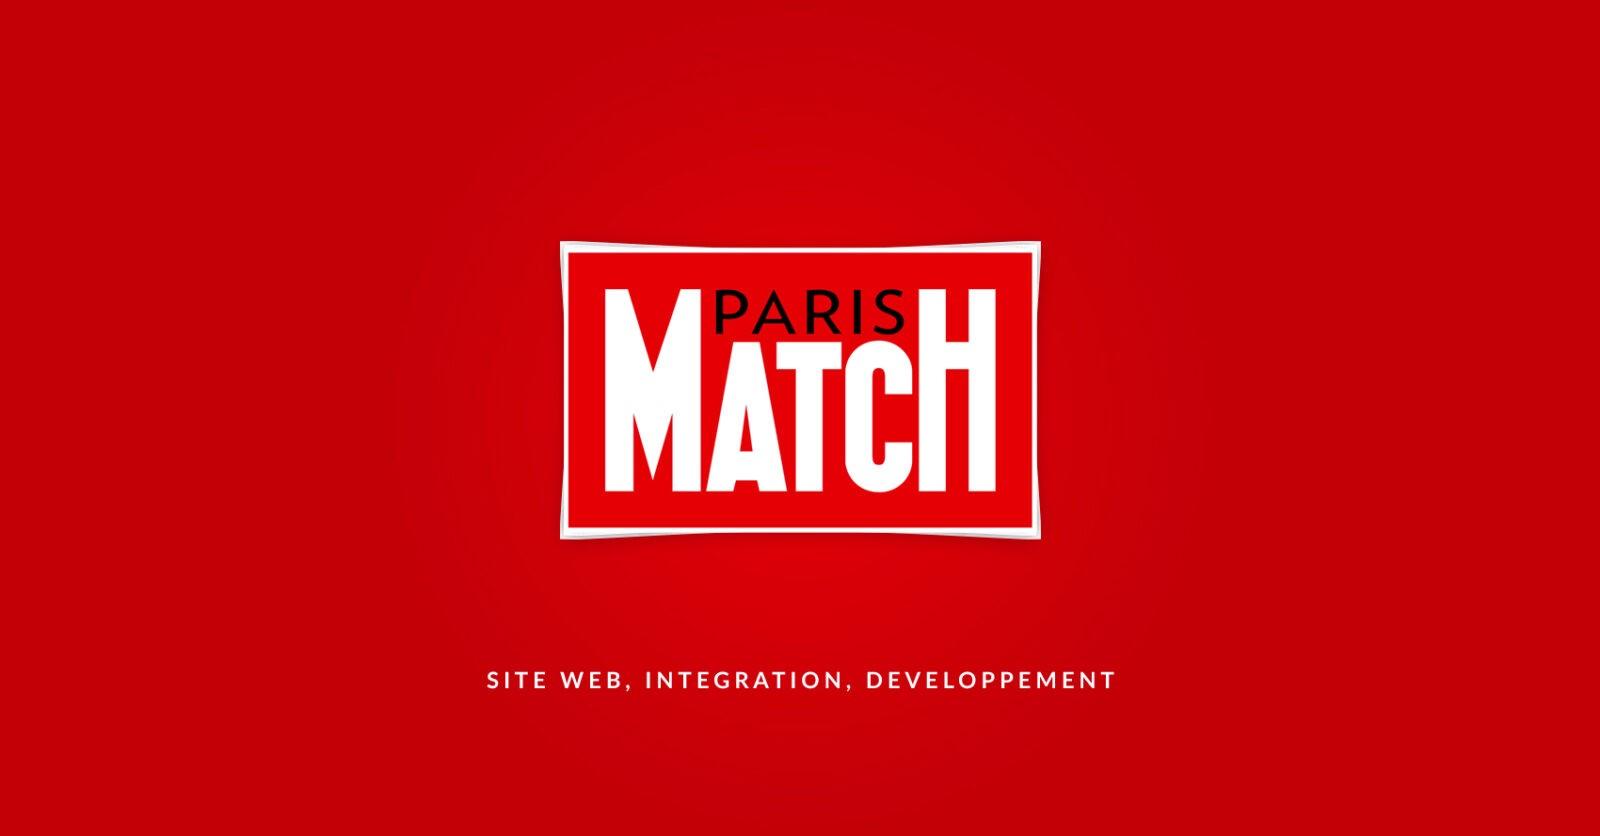 Conception et développement du site web de Paris Match par l'agence web Mojjoo à Paris